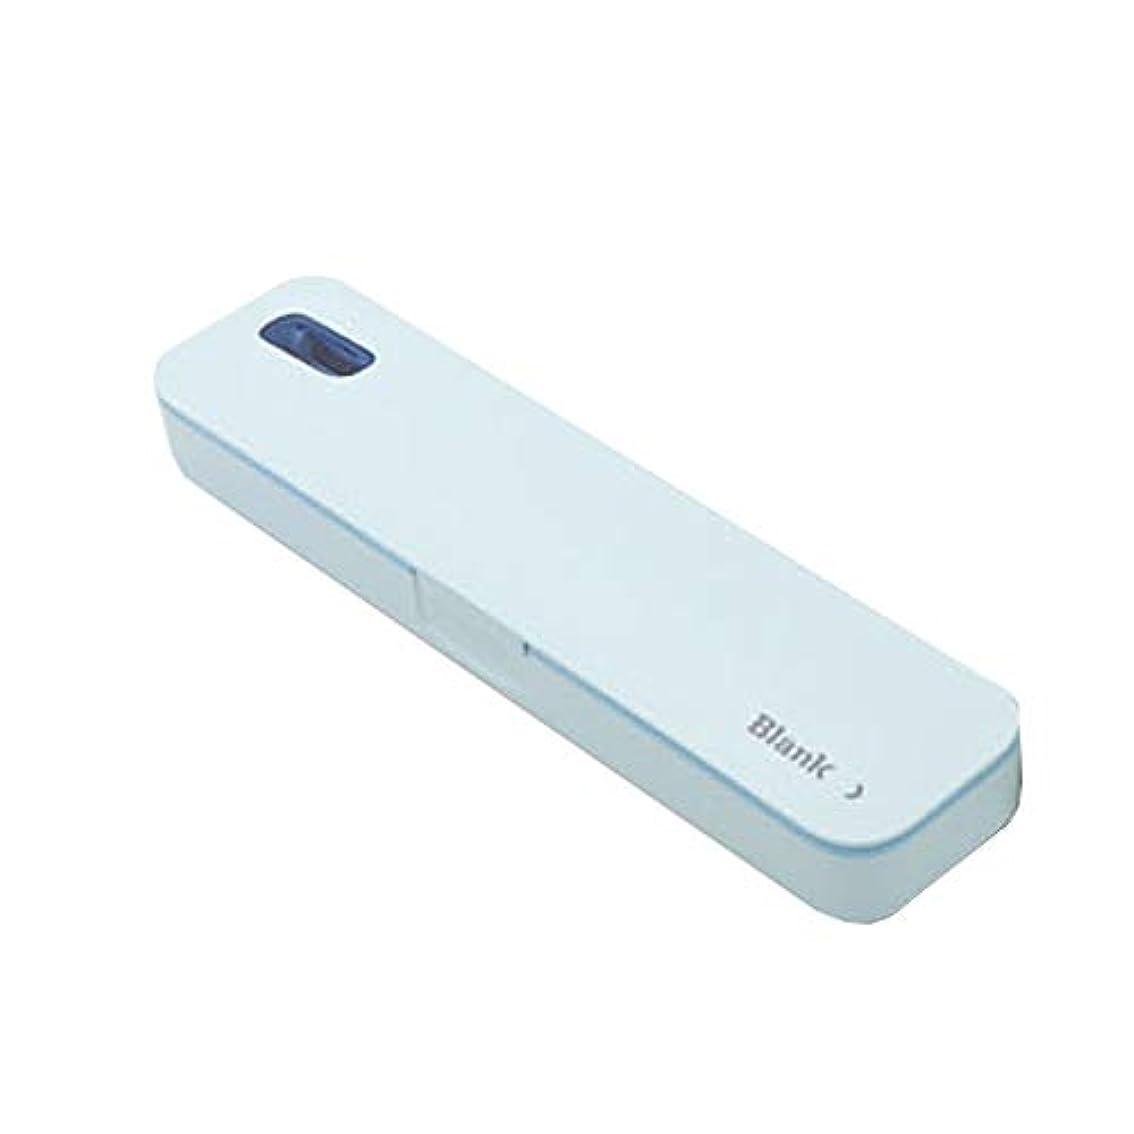 生き残りとまり木フォアタイプiriver TBS-A500ポータブル紫外線歯ブラシ消毒剤 (Blue)